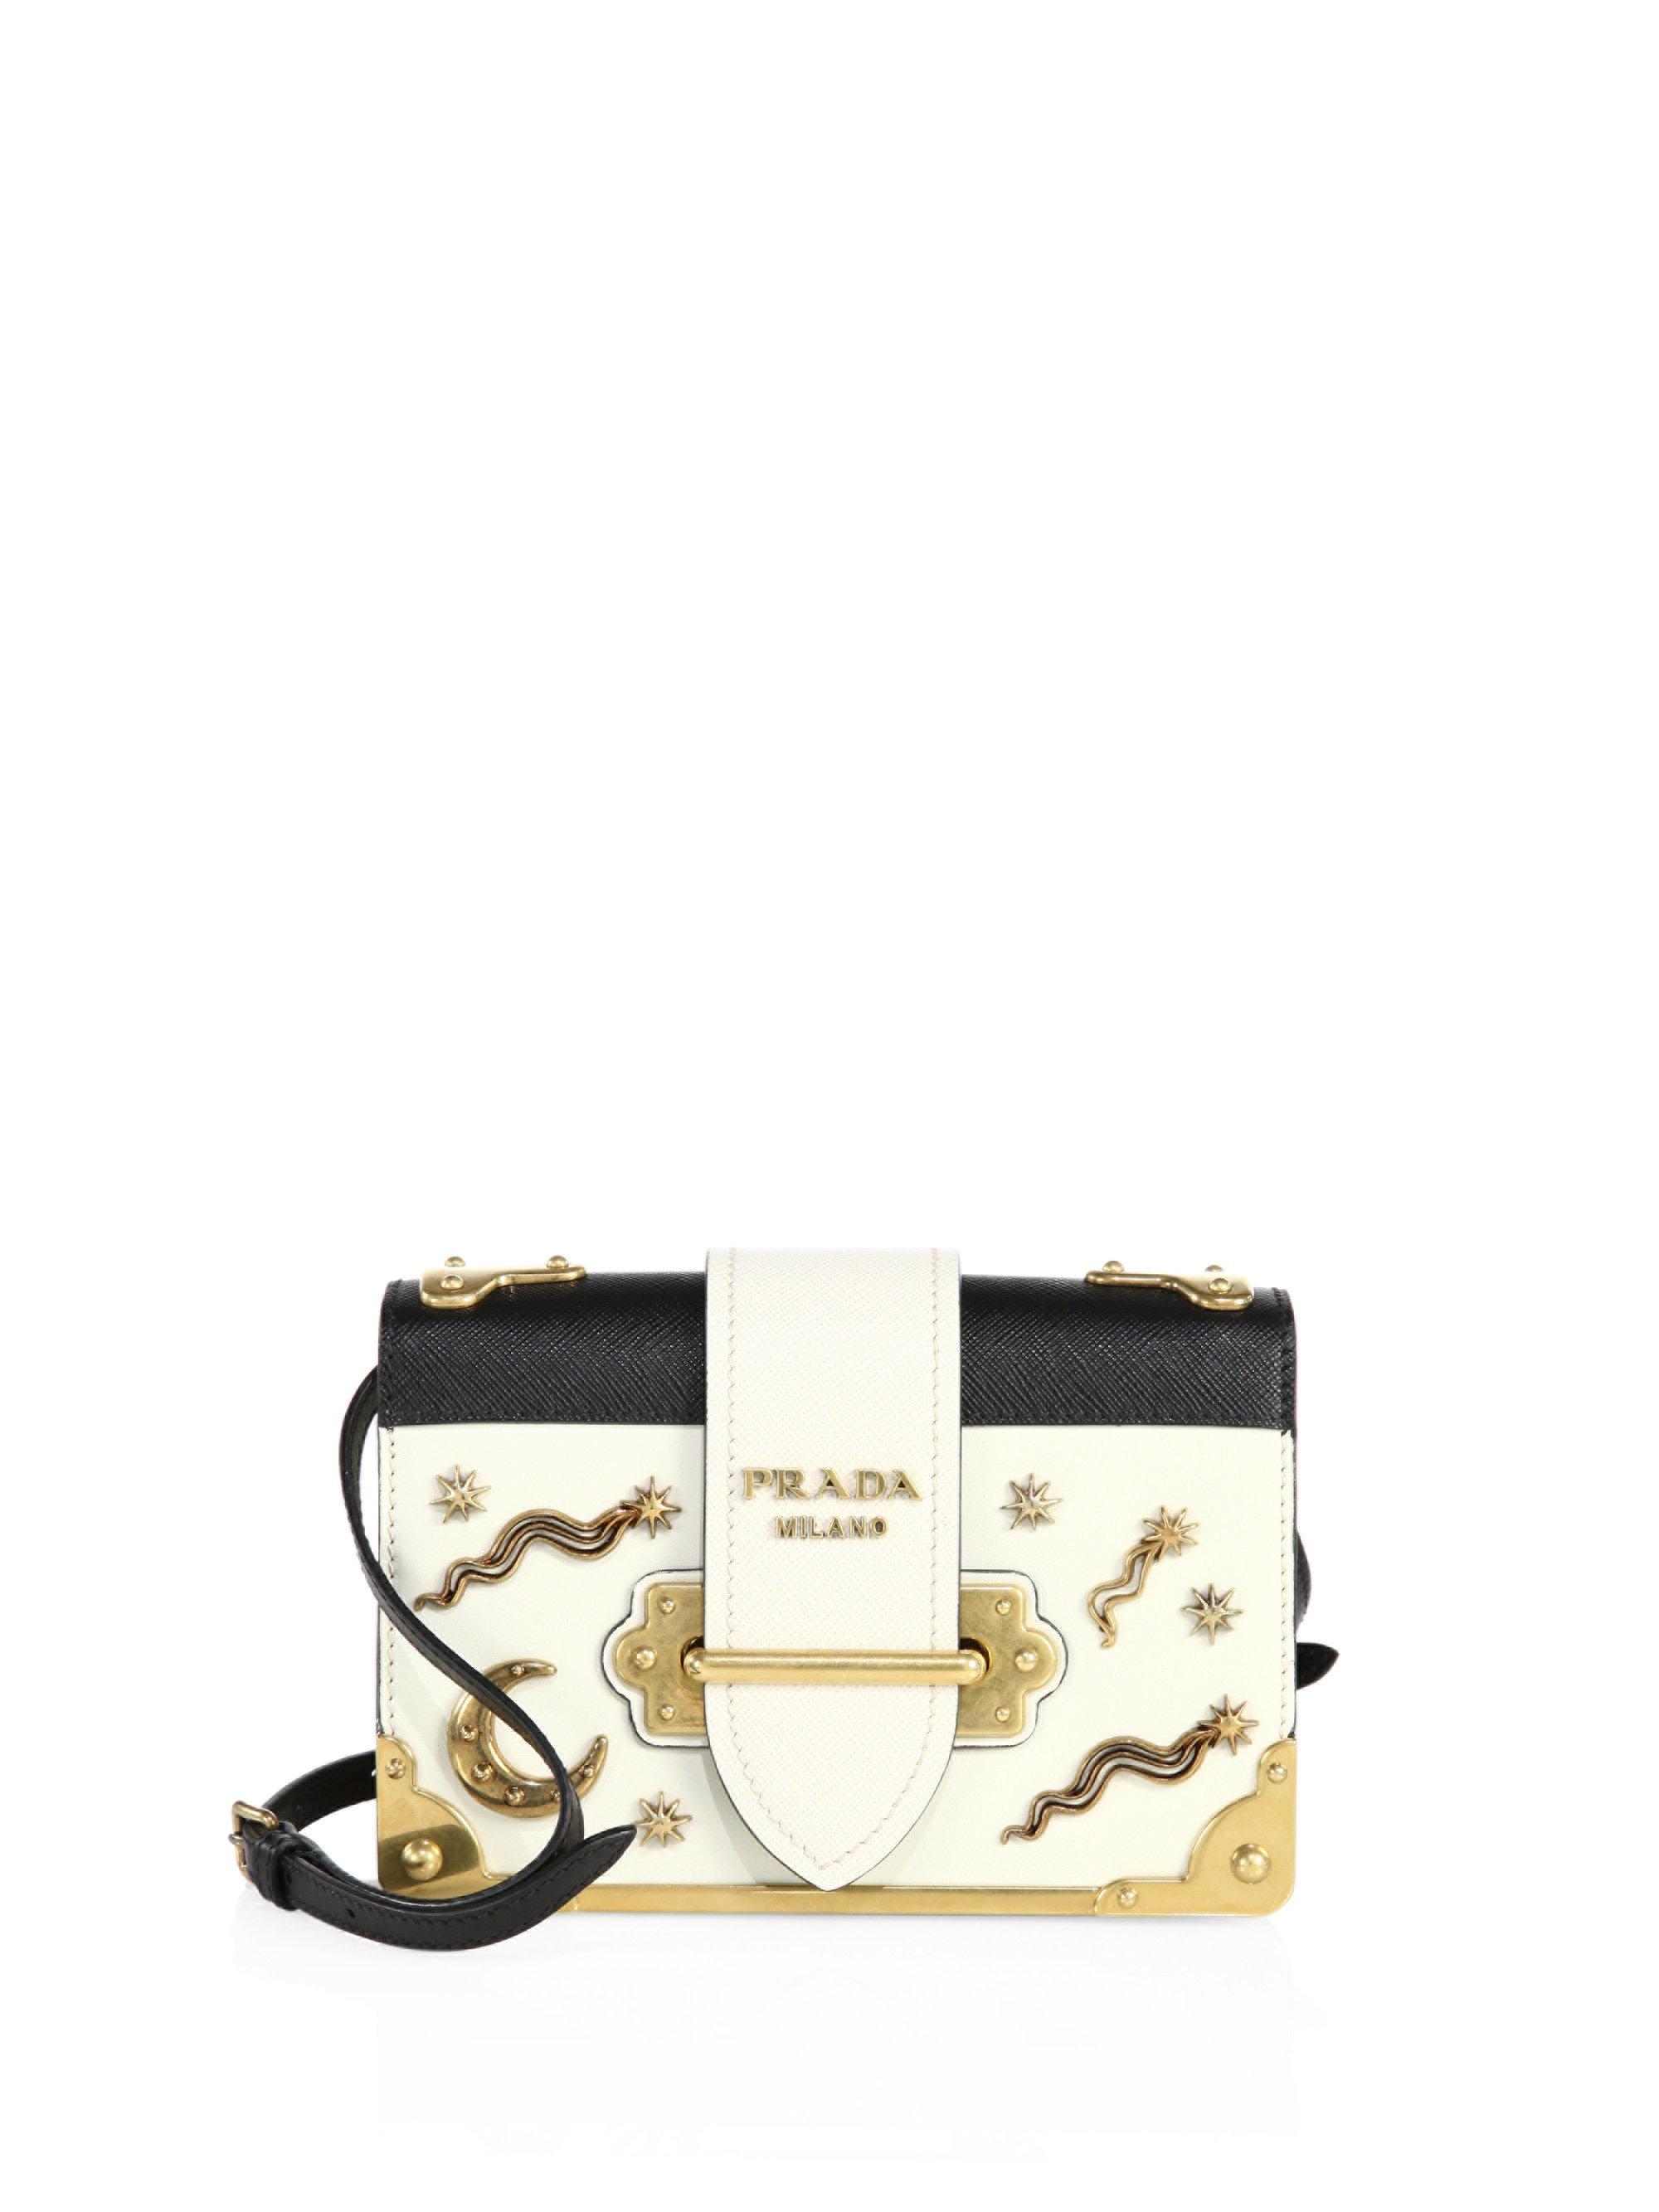 e733939a3980 Prada City Leather Celestial Cahier Shoulder Bag - Lyst